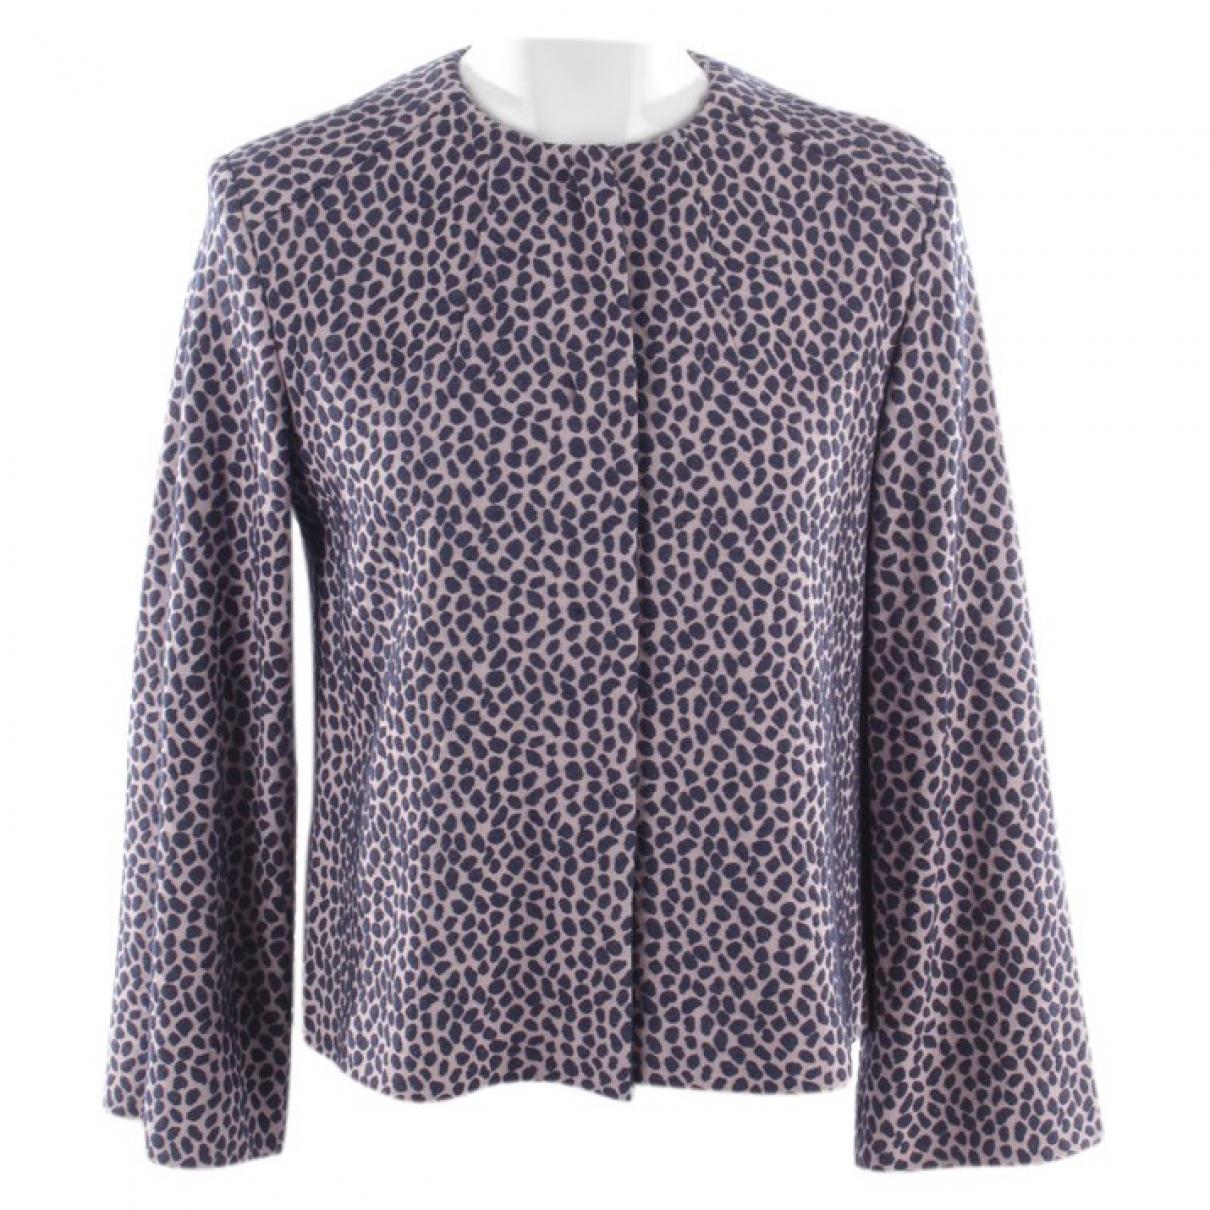 Odeeh \N Blue jacket for Women 36 FR